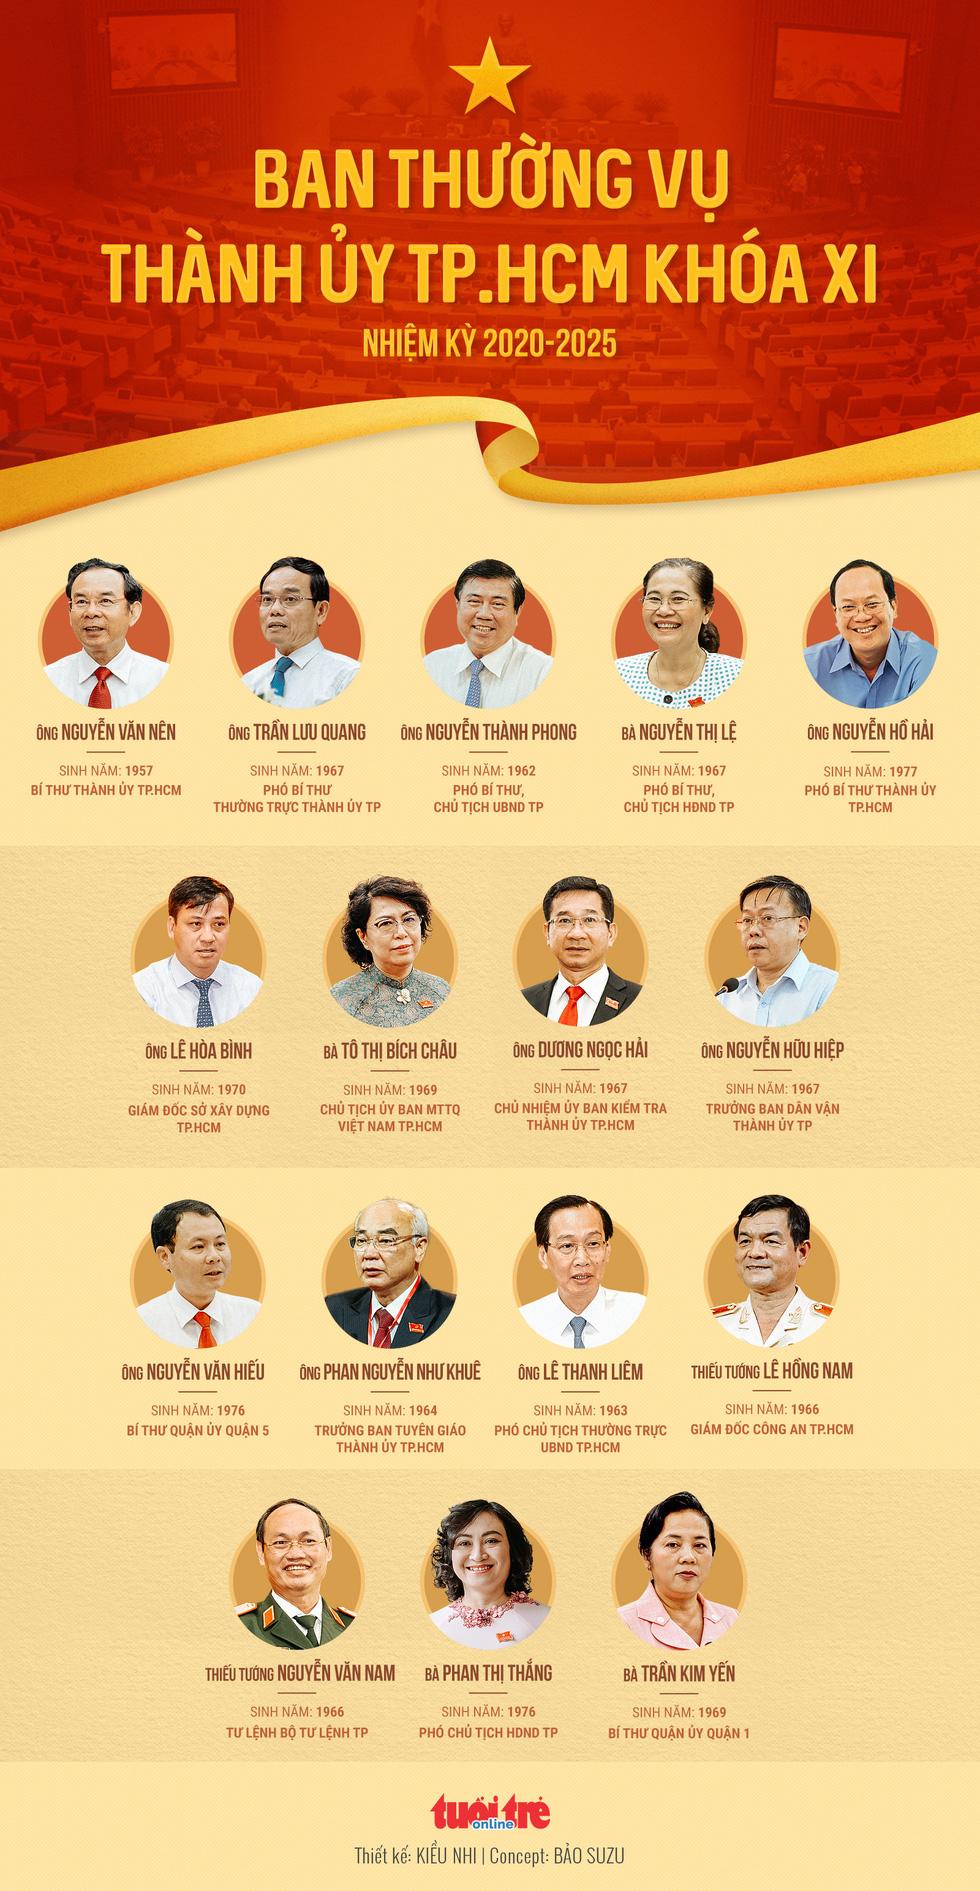 16 thành viên Ban thường vụ Thành ủy TP.HCM nhiệm kỳ 2020 - 2025 - Ảnh 1.